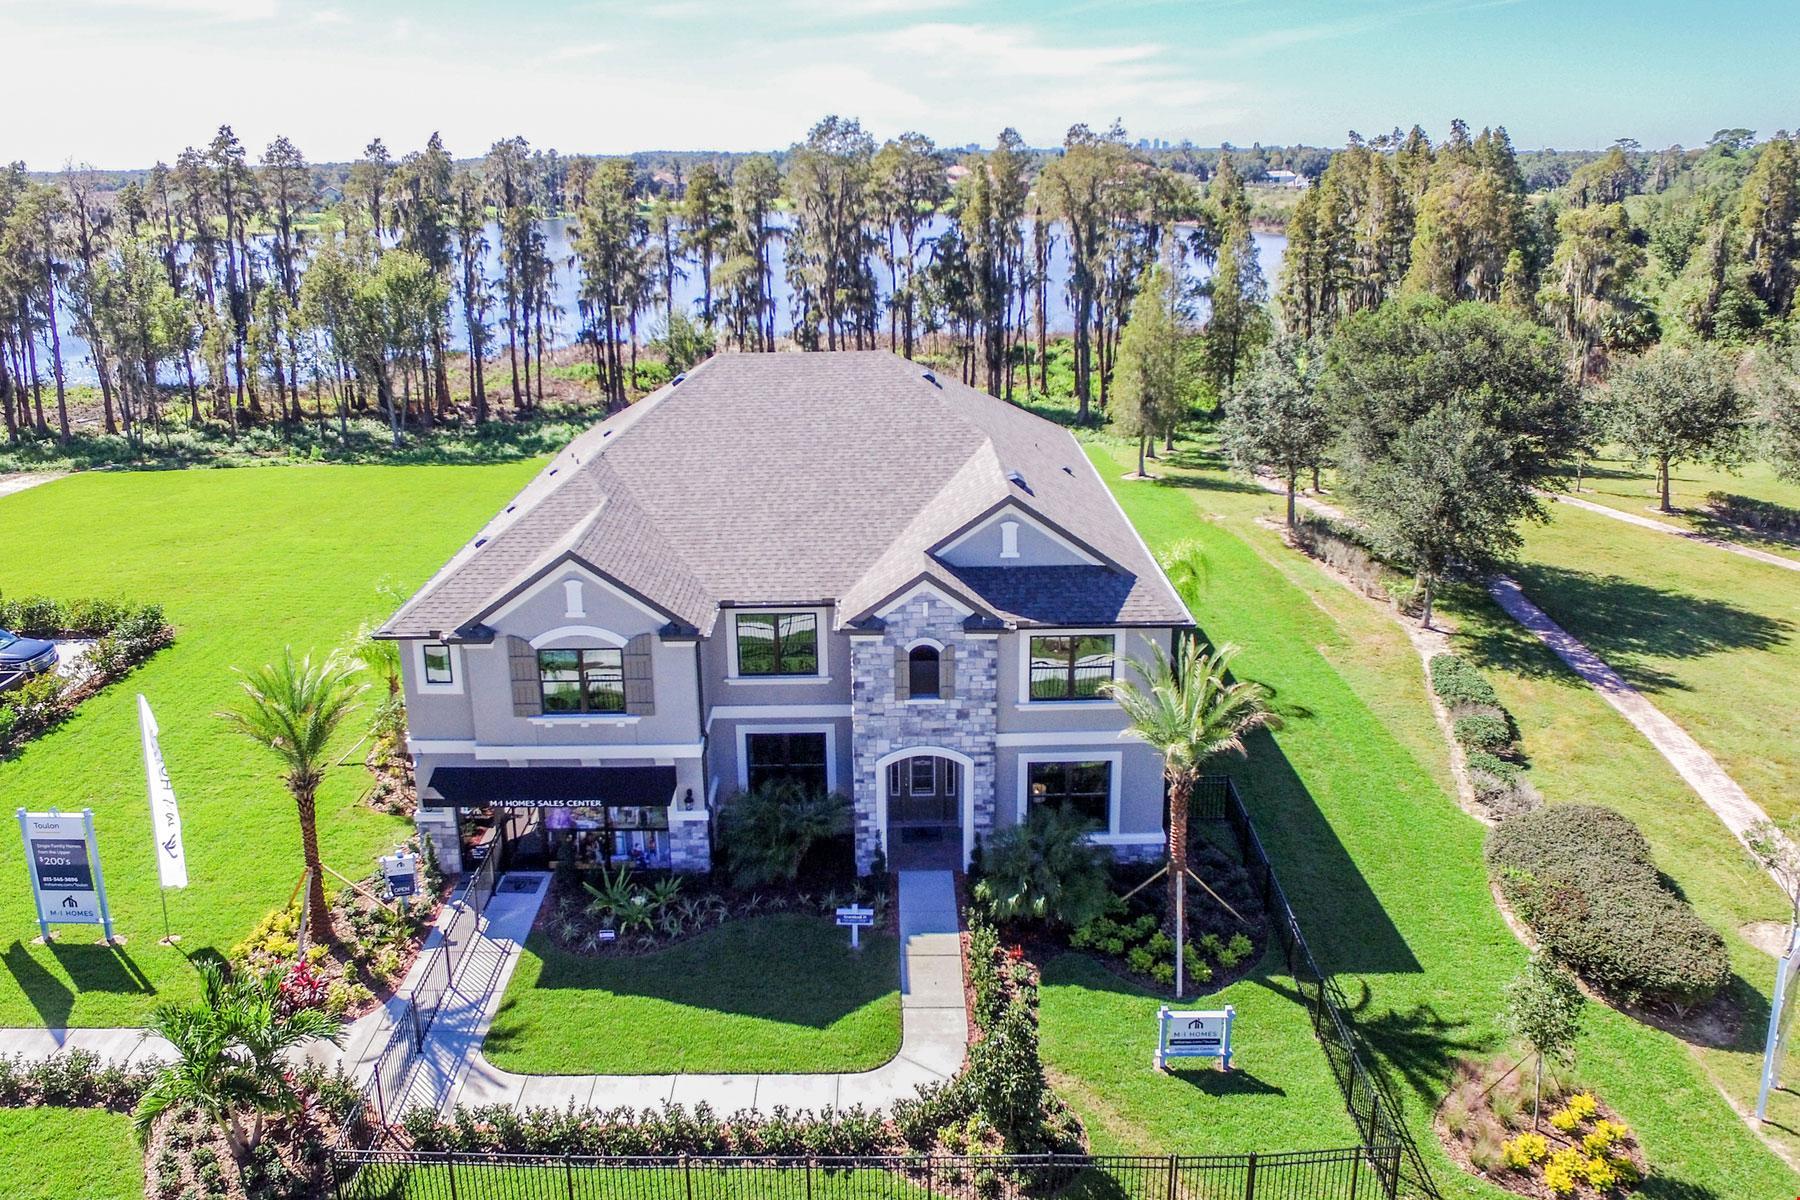 Toulon Seffner Florida Real Estate   Seffner Realtor   New  Homes for Sale   Seffner Florida